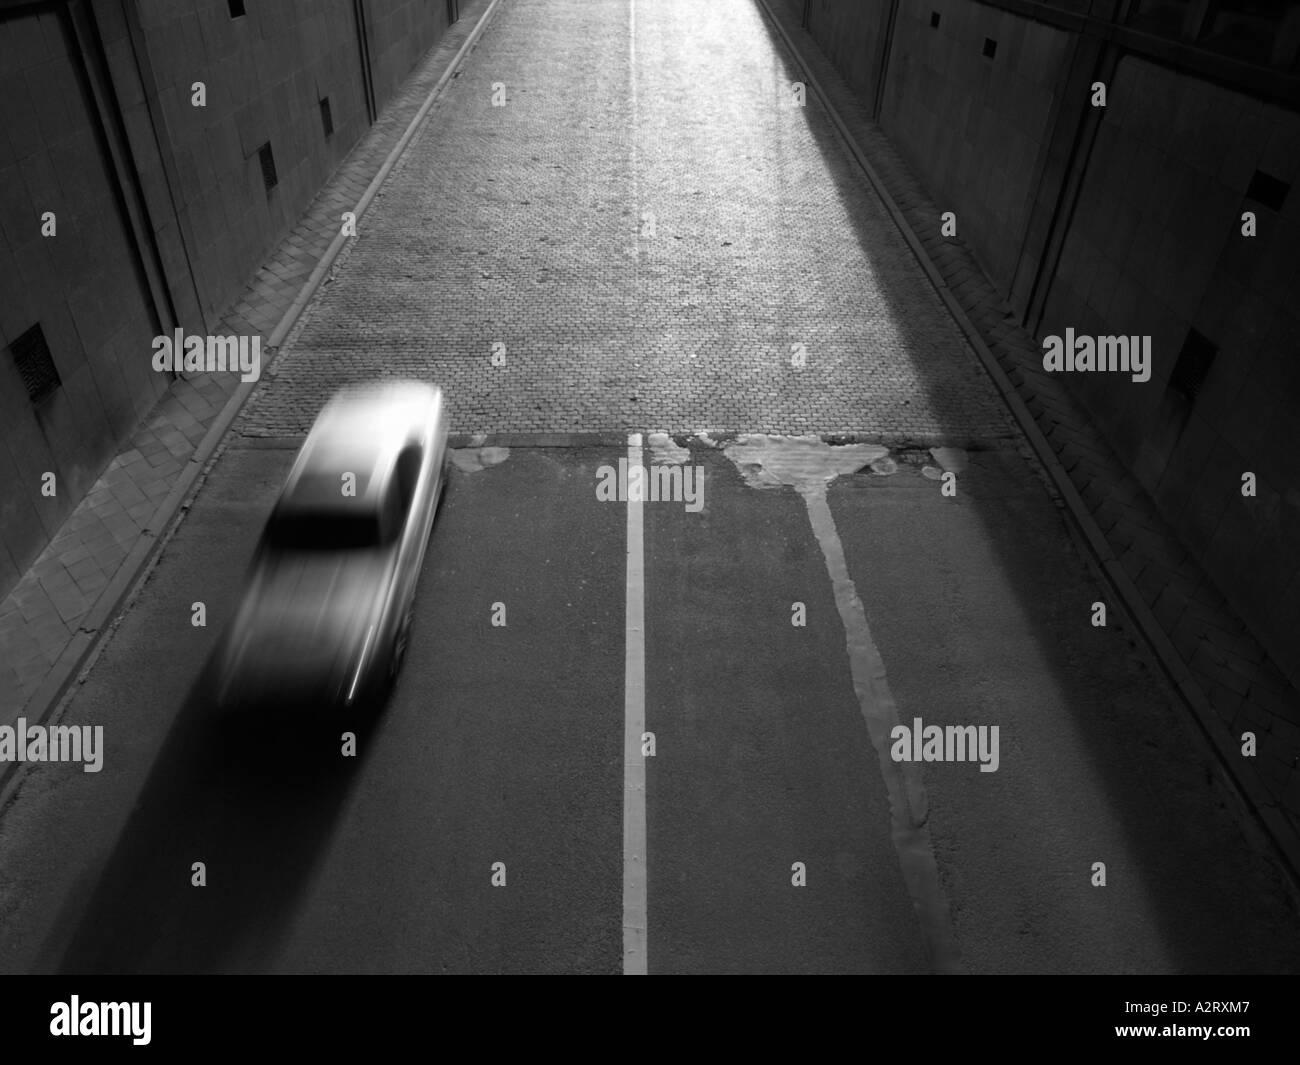 Argento auto Mercedes accelerando nel tunnel Bruxelles Belgio motion blur monocromatici in bianco e nero Immagini Stock